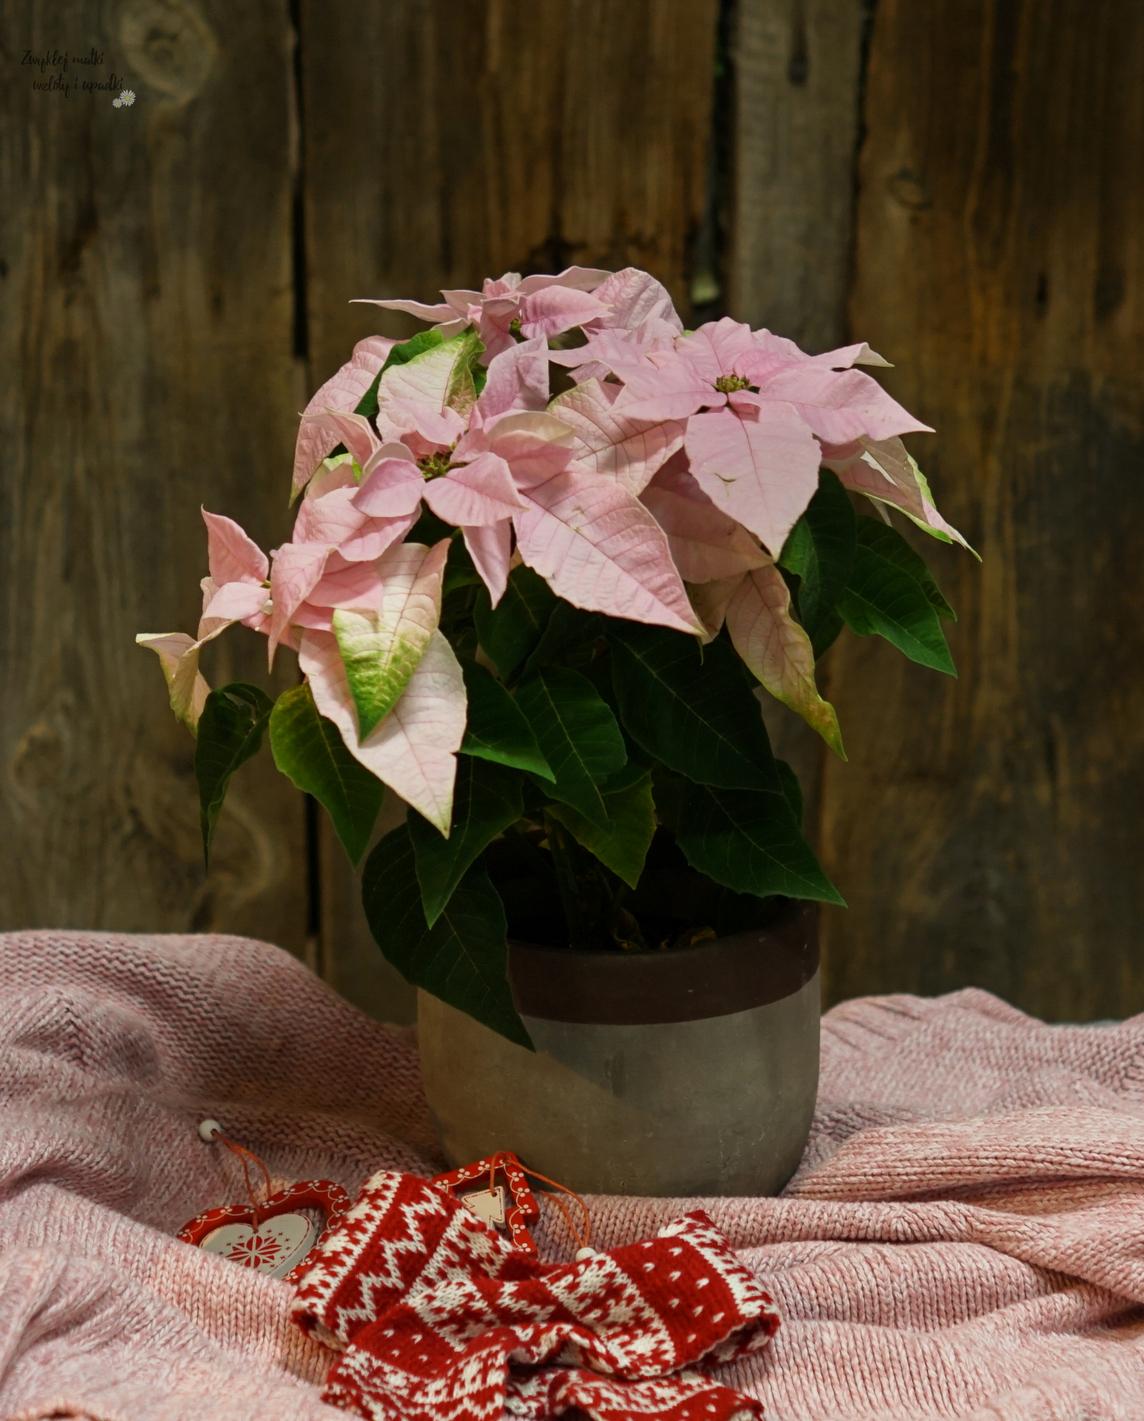 Gwiazda betlejemska, wilczomlecz nadobny, poinsencja, czyli roślina na Boże Narodzenie